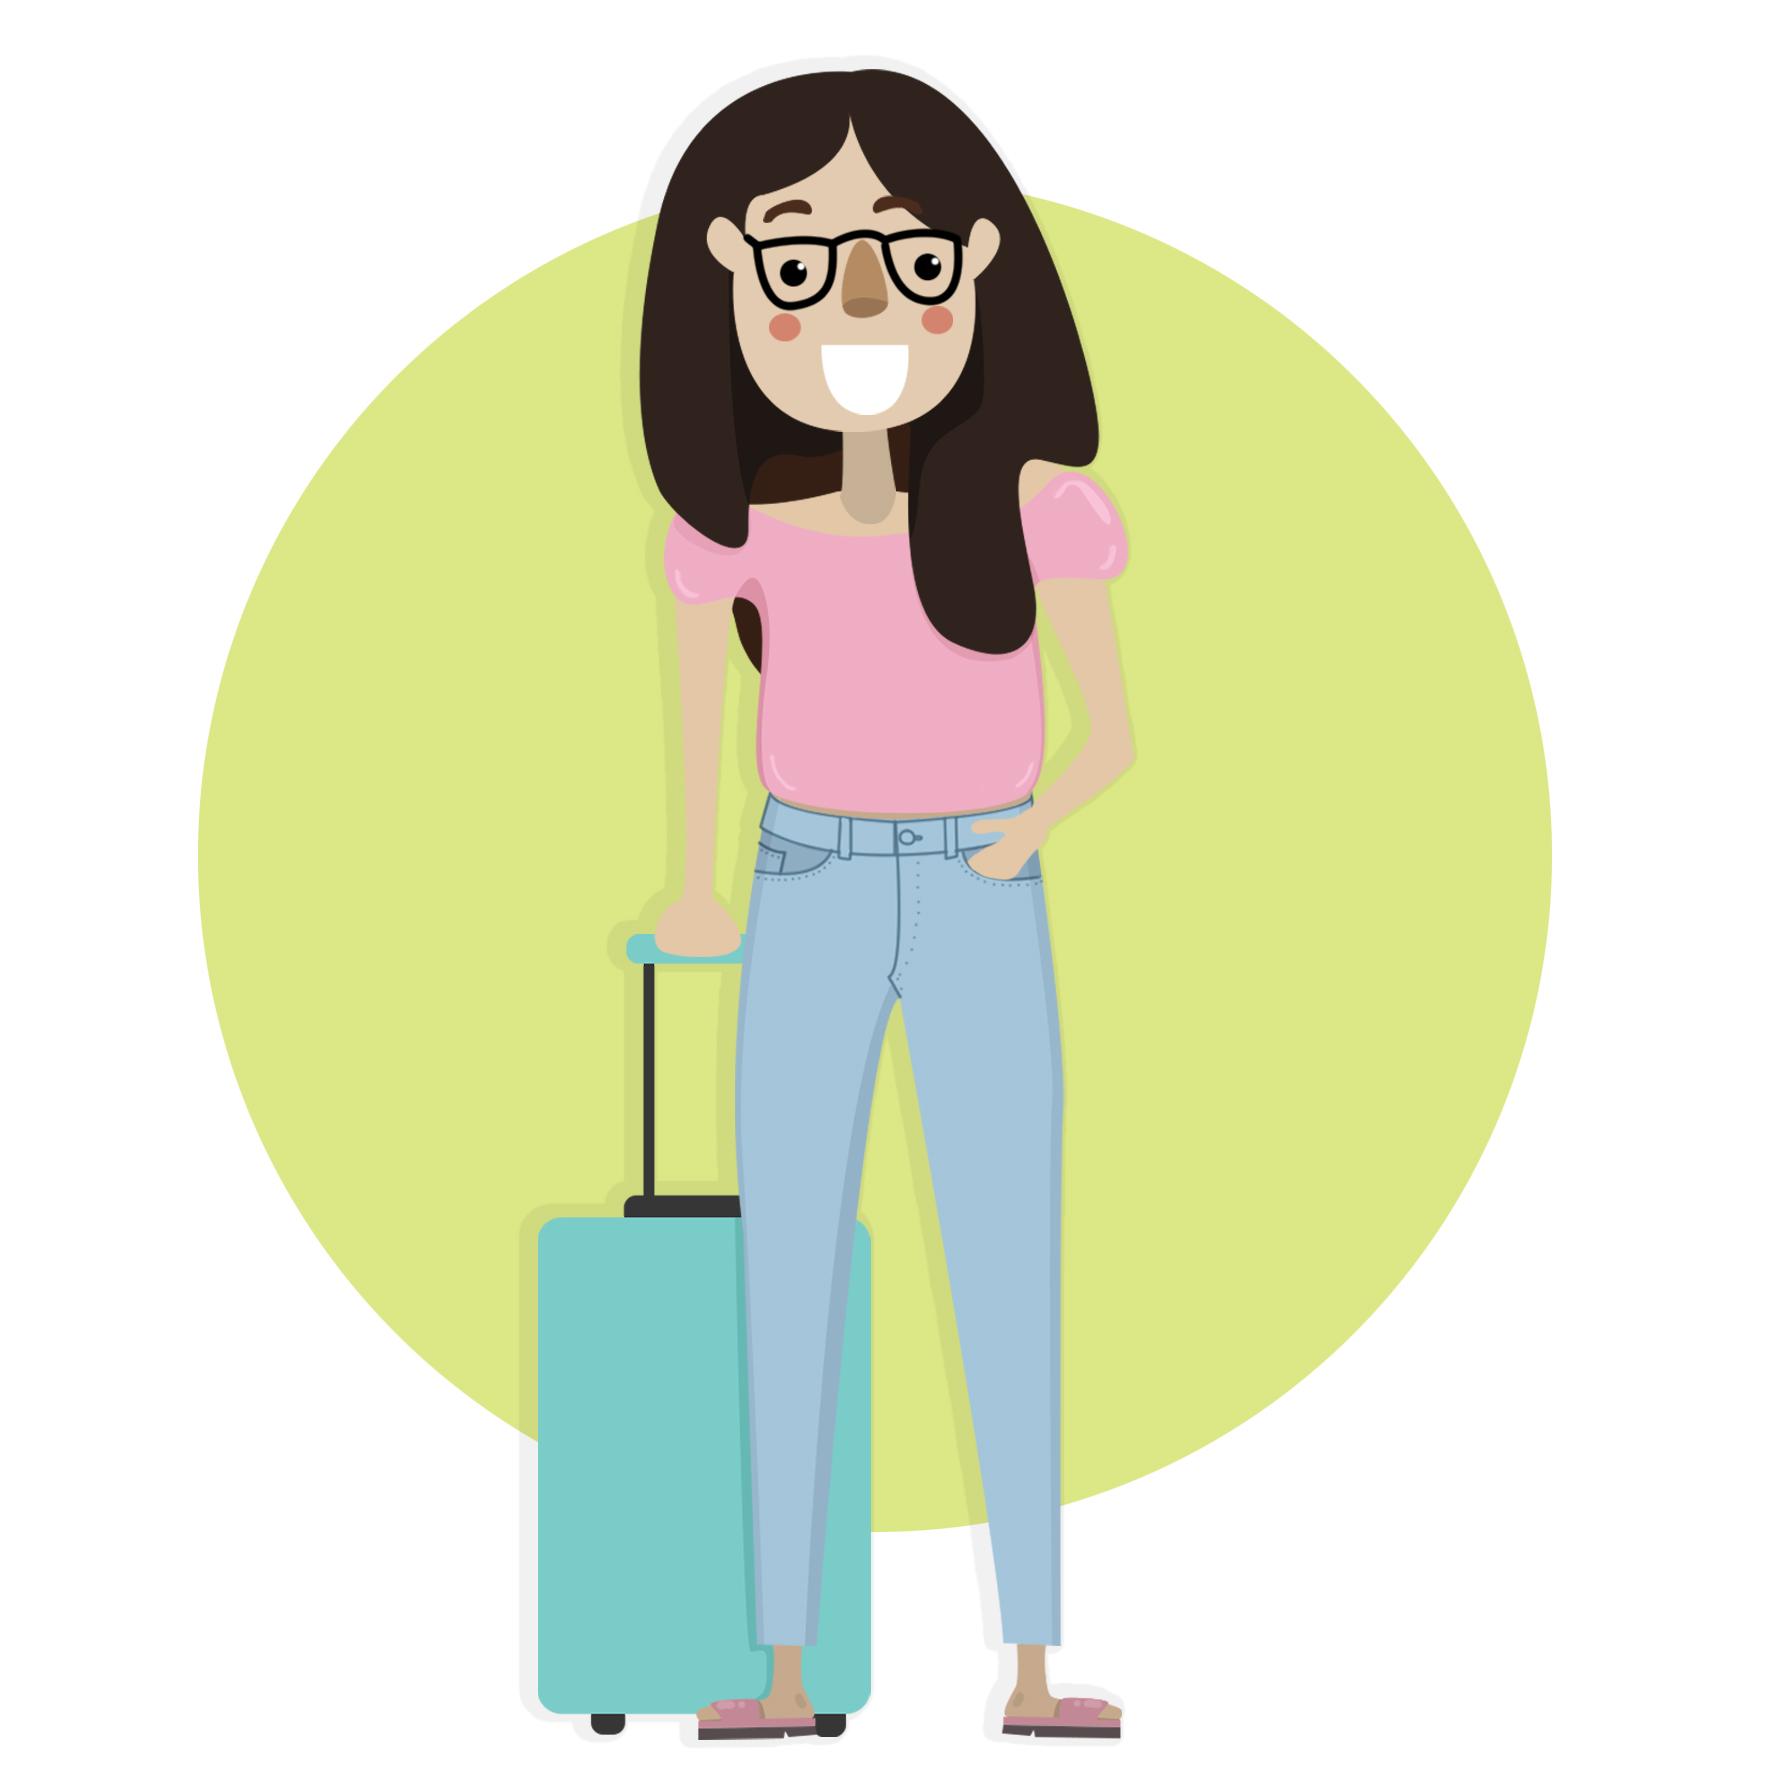 Ilustración de Vanessa quien usa lentes y lleva el pelo largo y sobre el hombro derecho